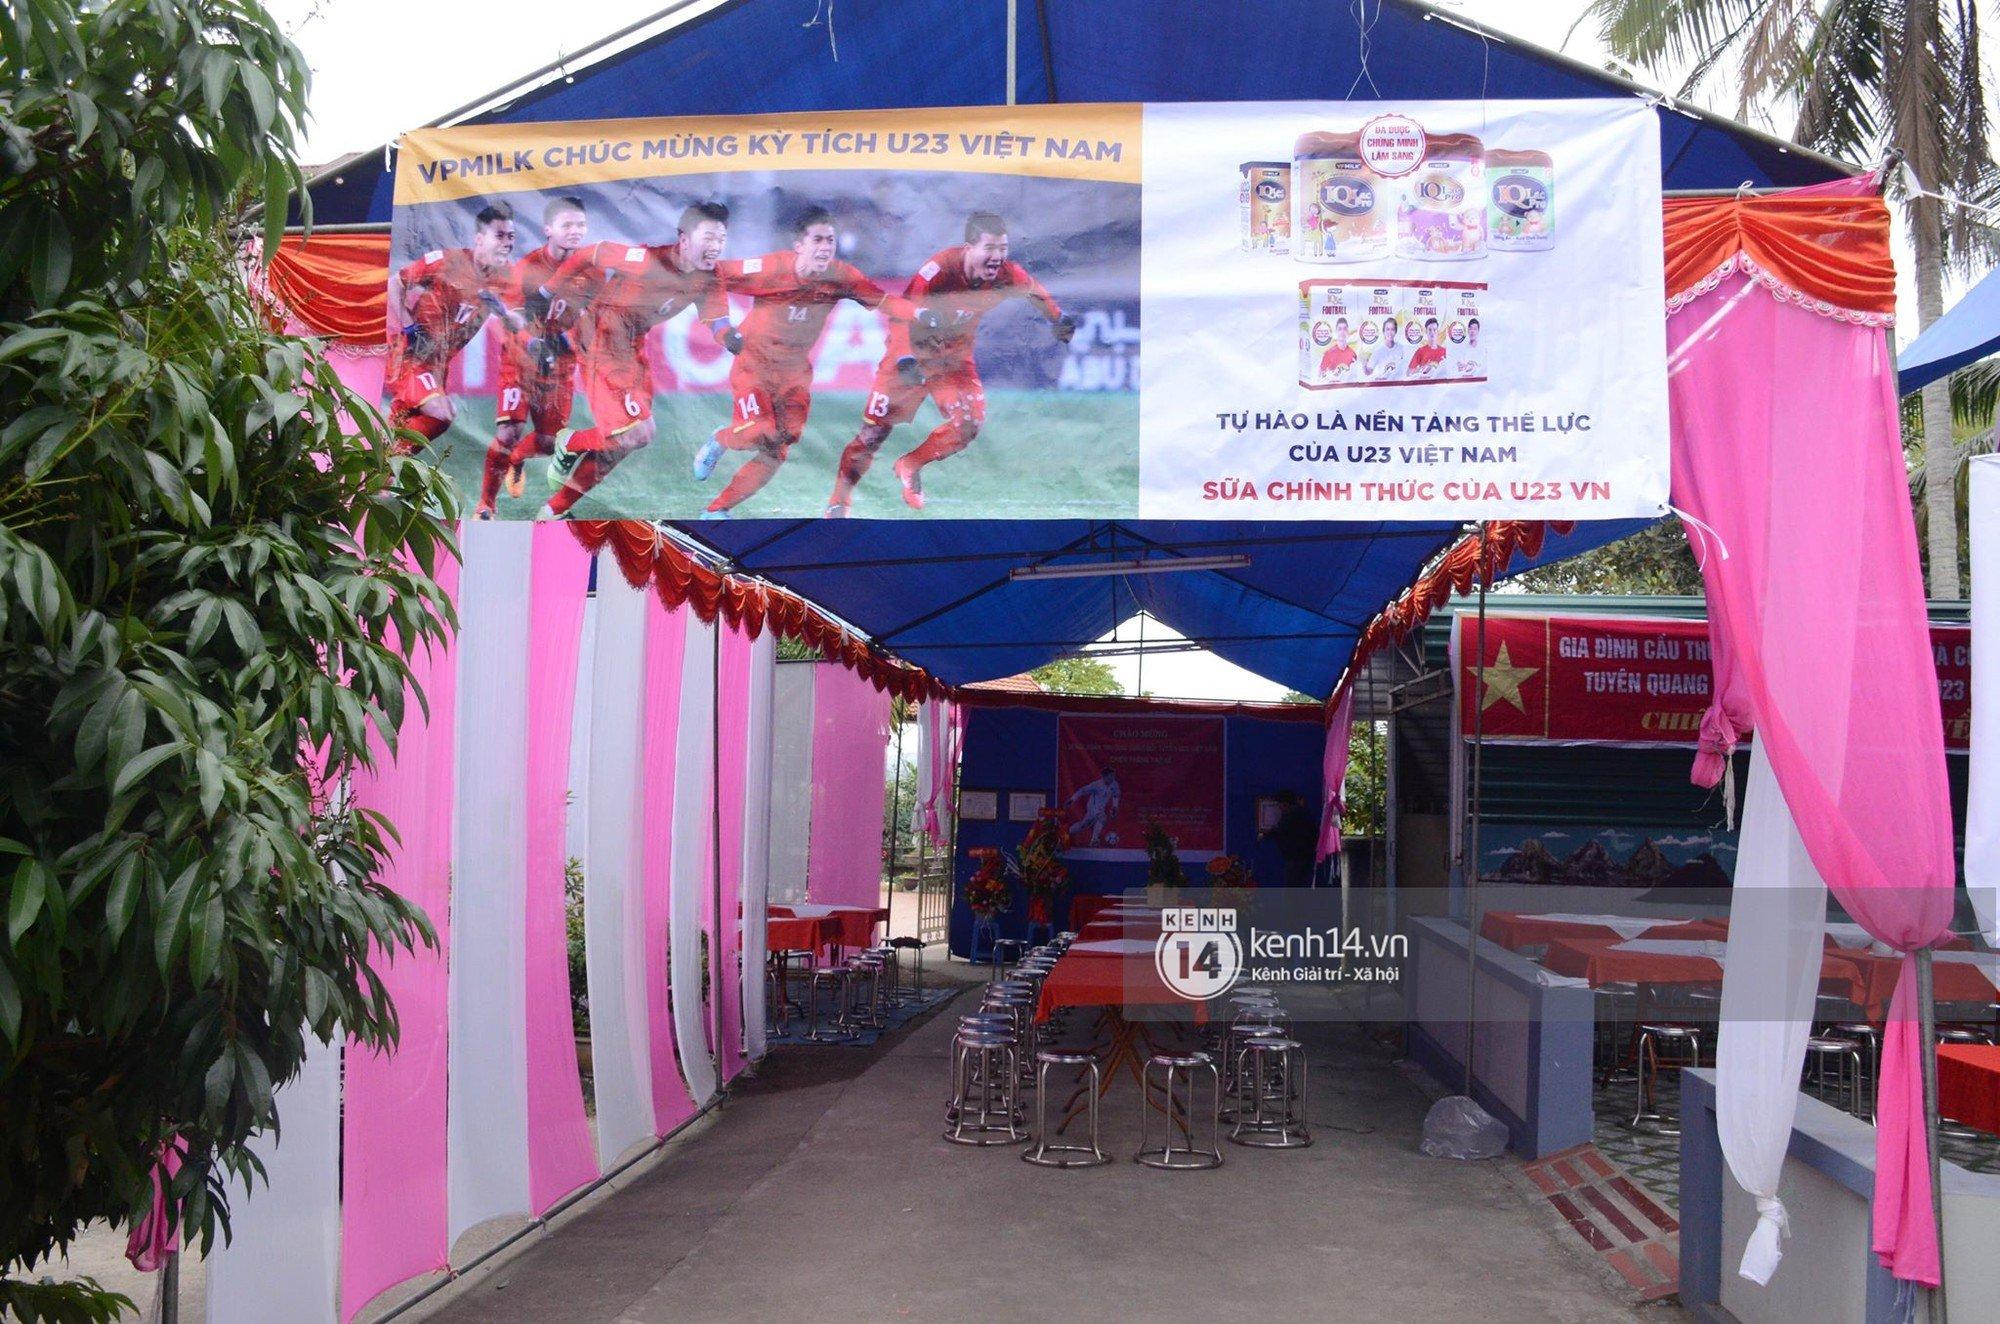 Người dân Tuyên Quang nườm nượp đổ ra đường chào đón cầu thủ Xuân Trường trở về quê hương 4